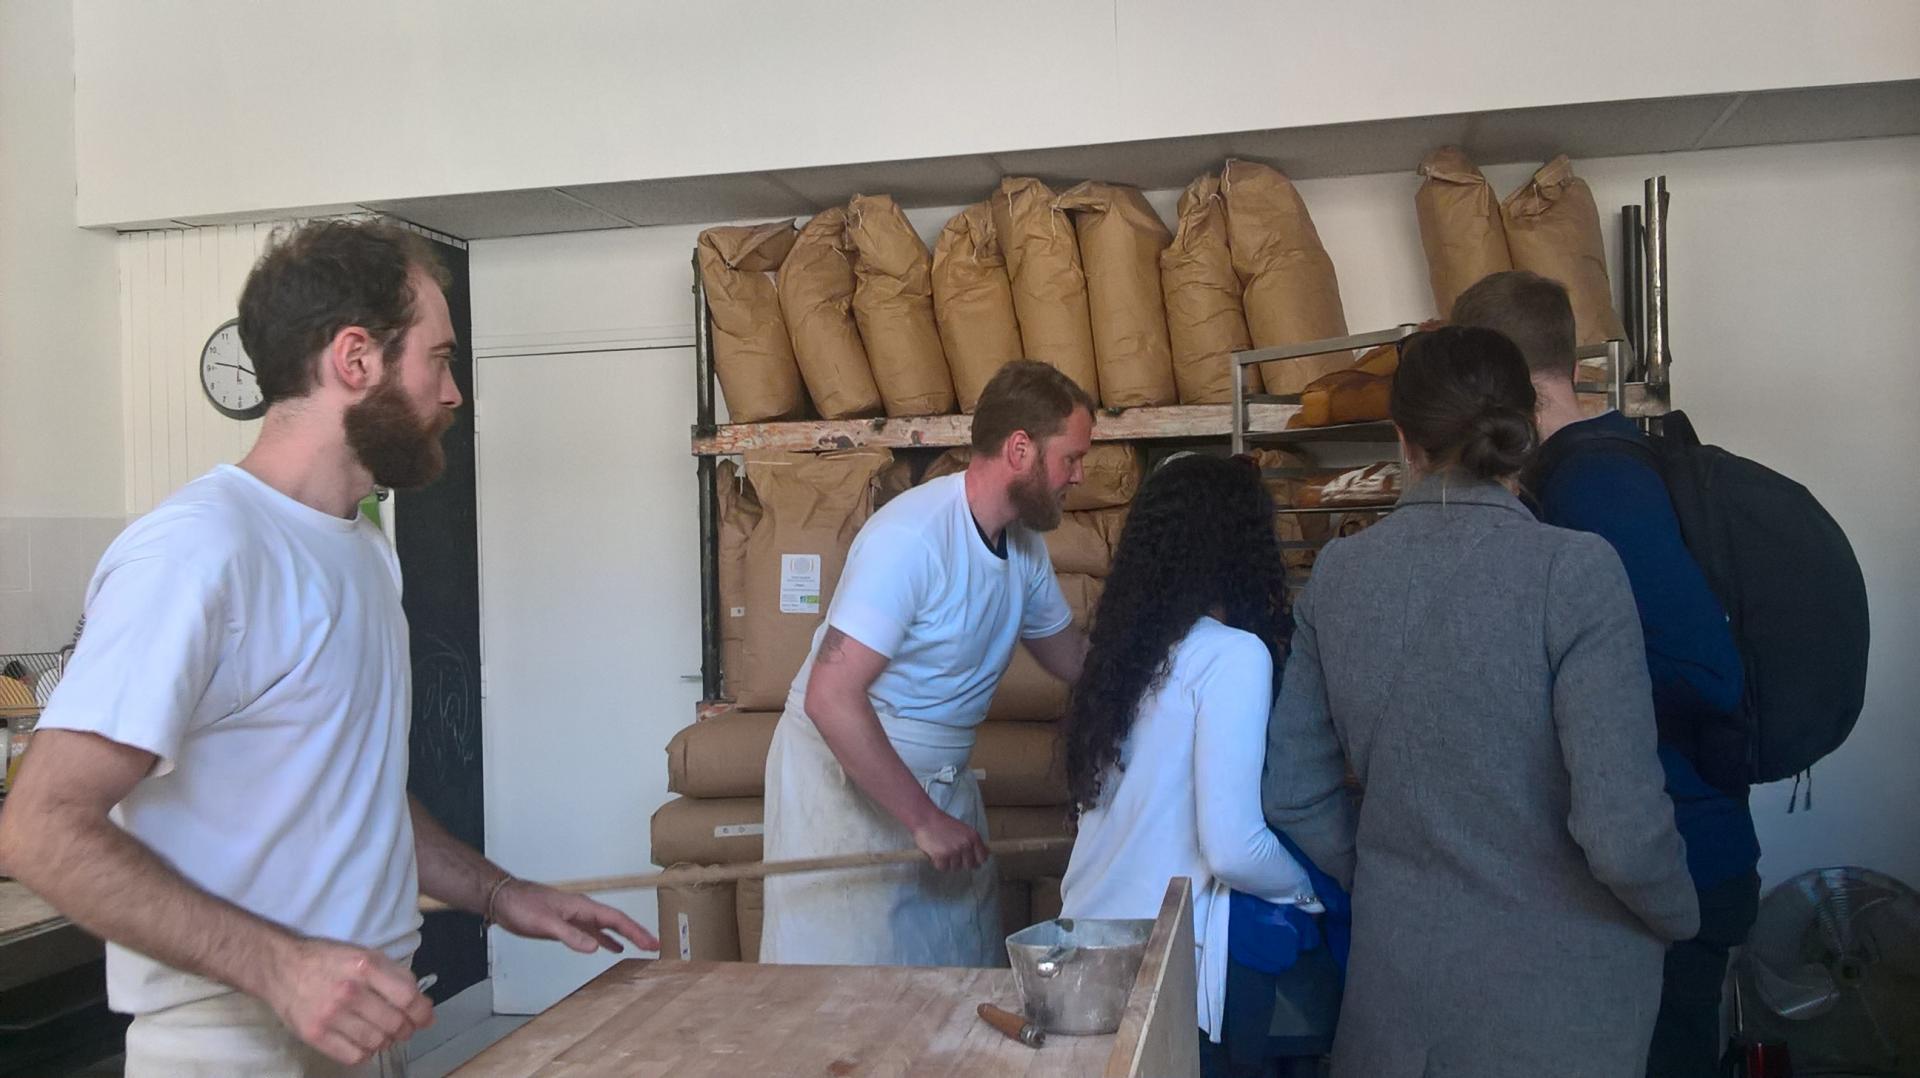 Visite rencontre avec un boulanger pendant un teambuilding !